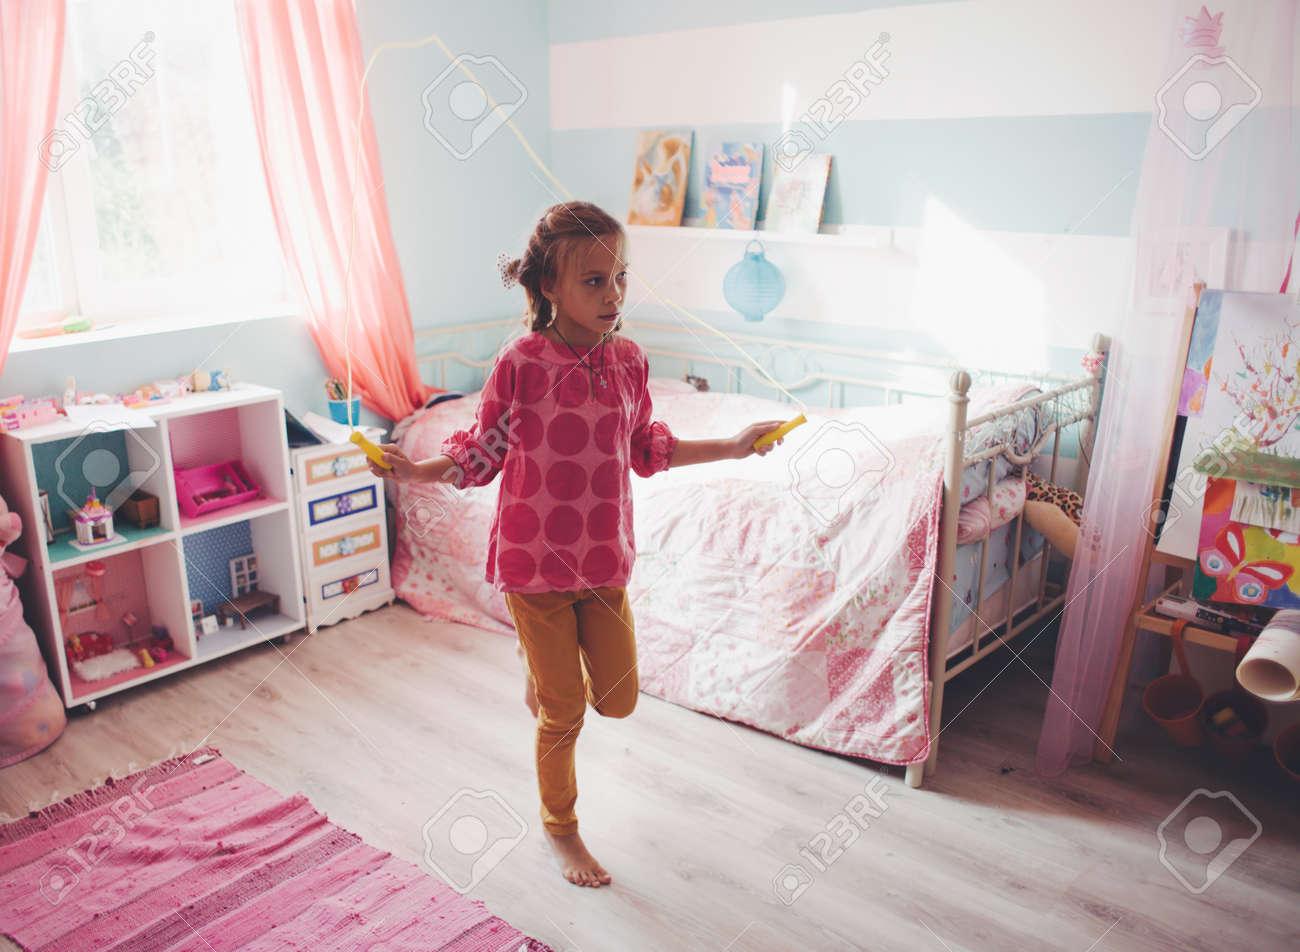 Niña De 8 Años Que Salta En Un Cuarto Hijo En El Hogar La Naturaleza Muerta Foto Fotos Retratos Imágenes Y Fotografía De Archivo Libres De Derecho Image 32487775